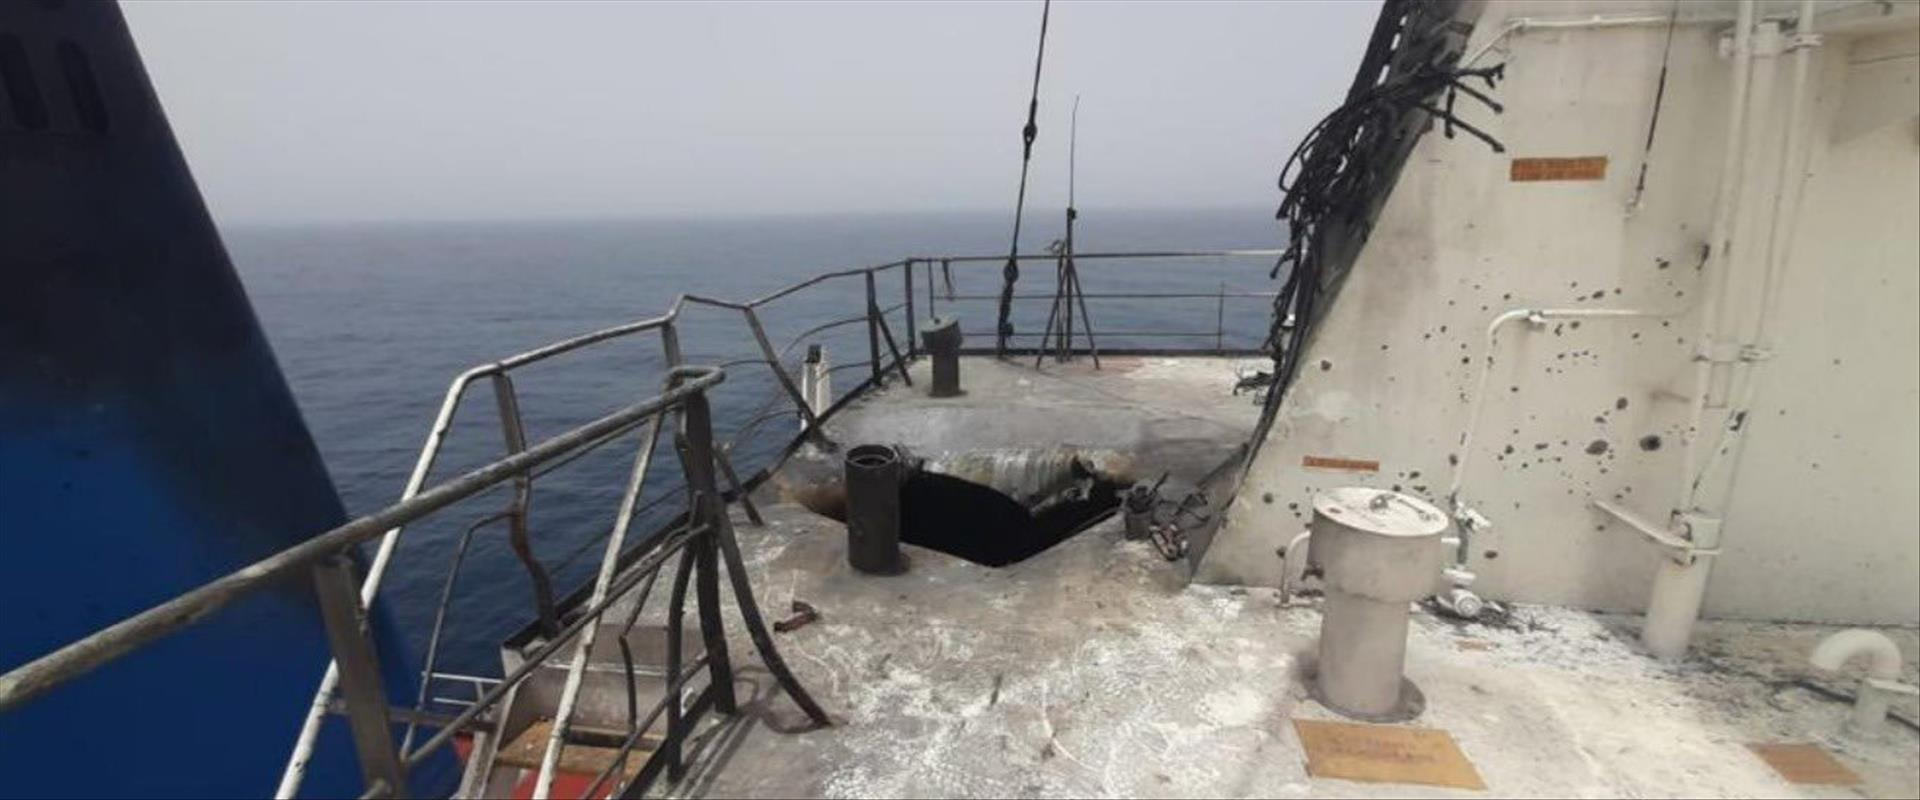 הנזק מתקיפת הספינה